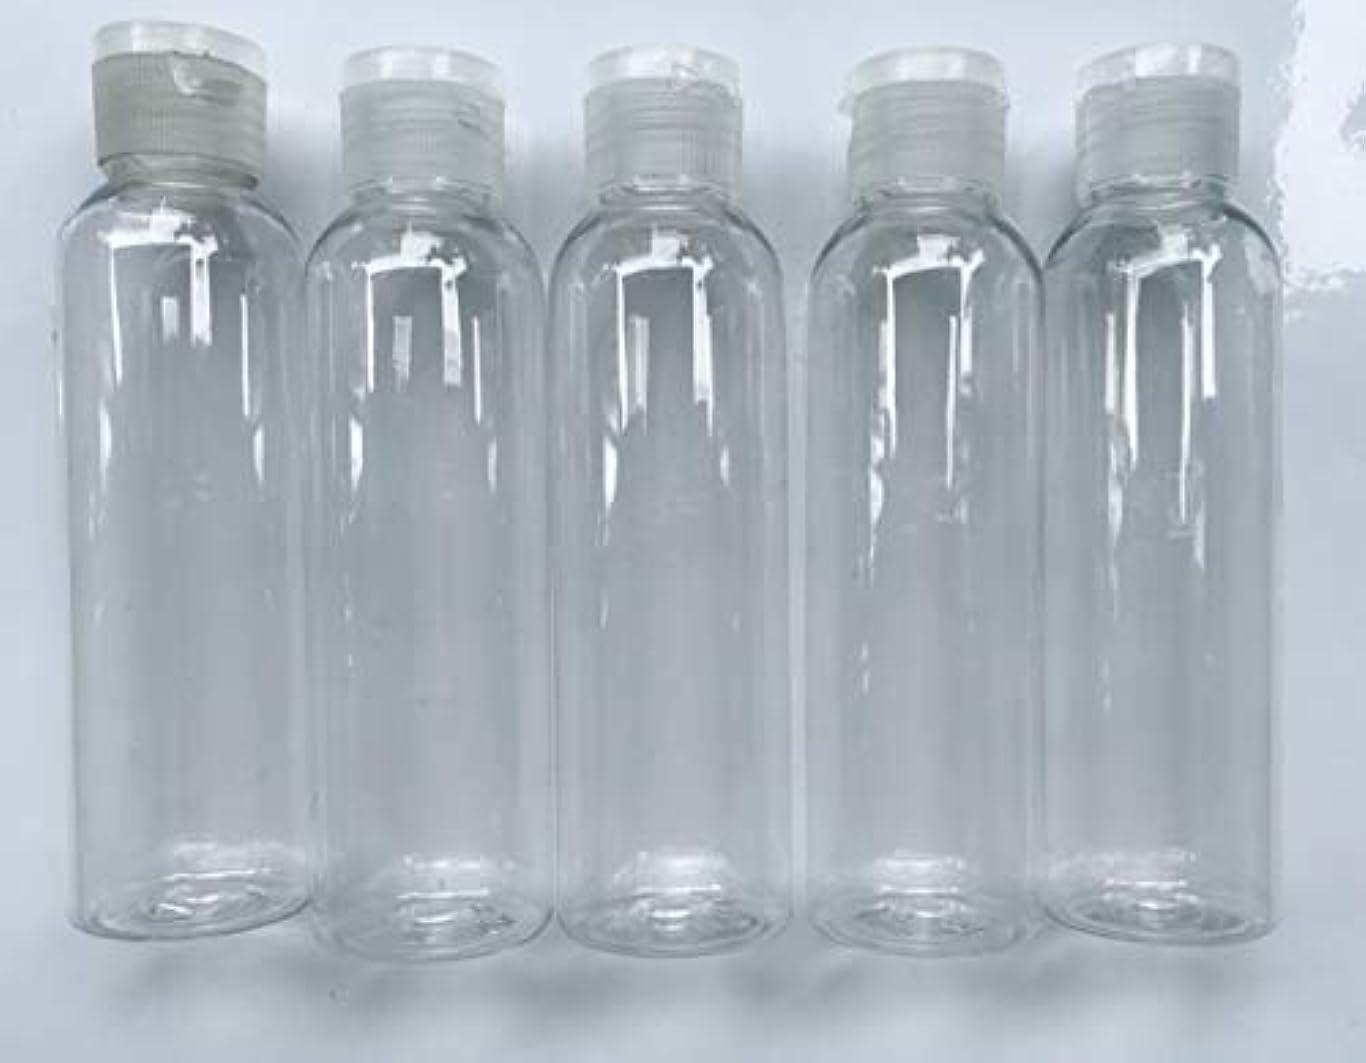 余裕がある弁護船旅行用 透明詰め替え容器150ml (クリア)携帯用トラベルボトル5本セット/シャンプー、化粧水、ローション、乳液などの基礎化粧品や調味料入れに